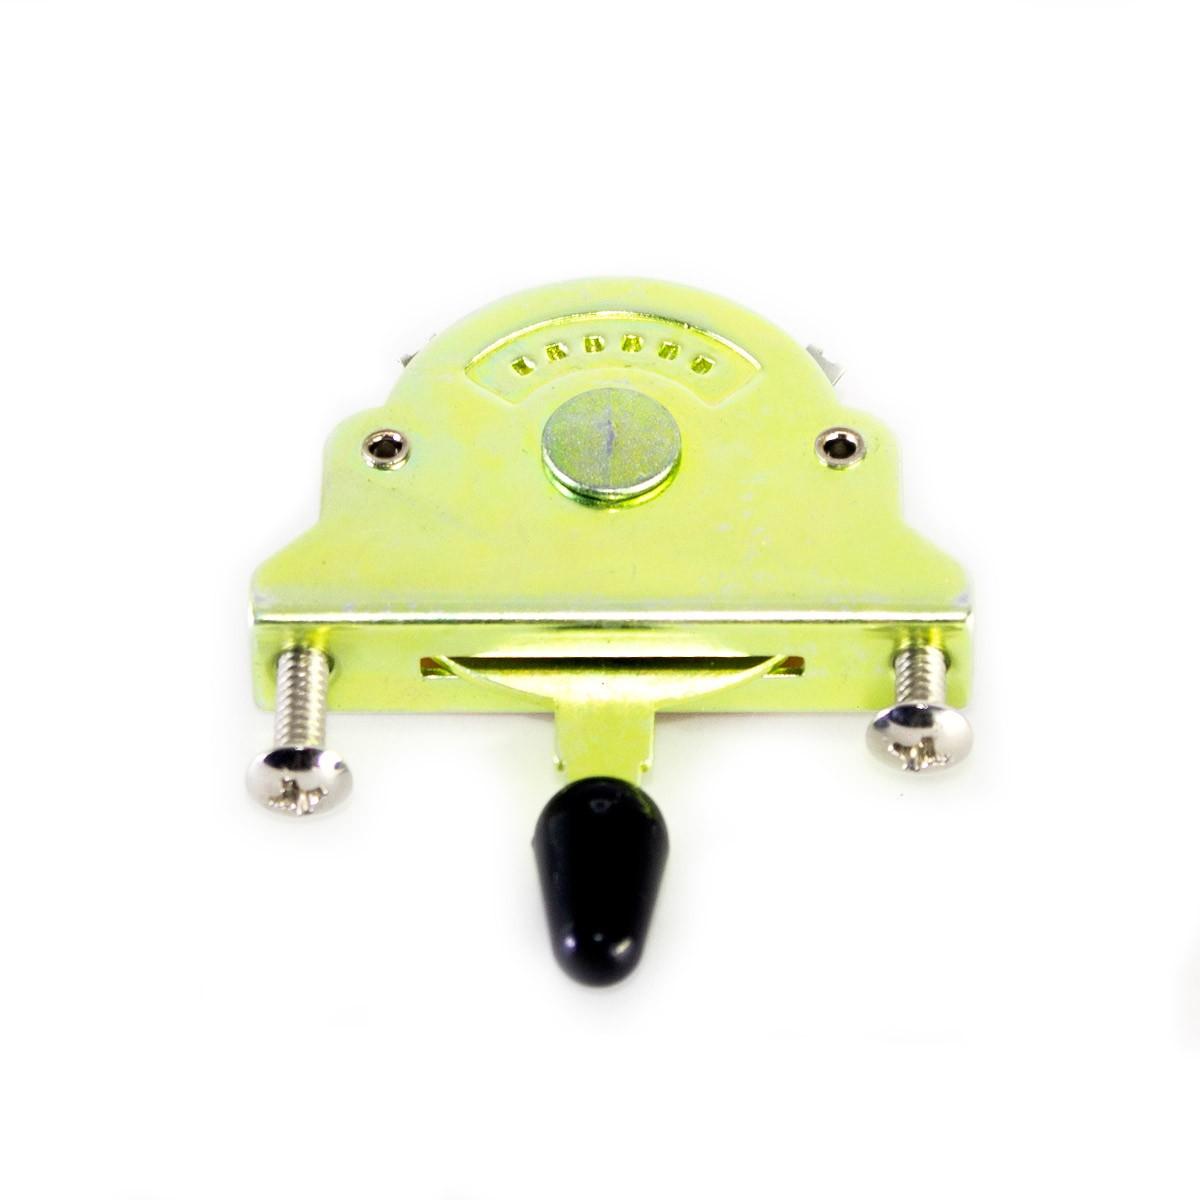 Chave Seletora Spirit 5 Posições Padrão Fender